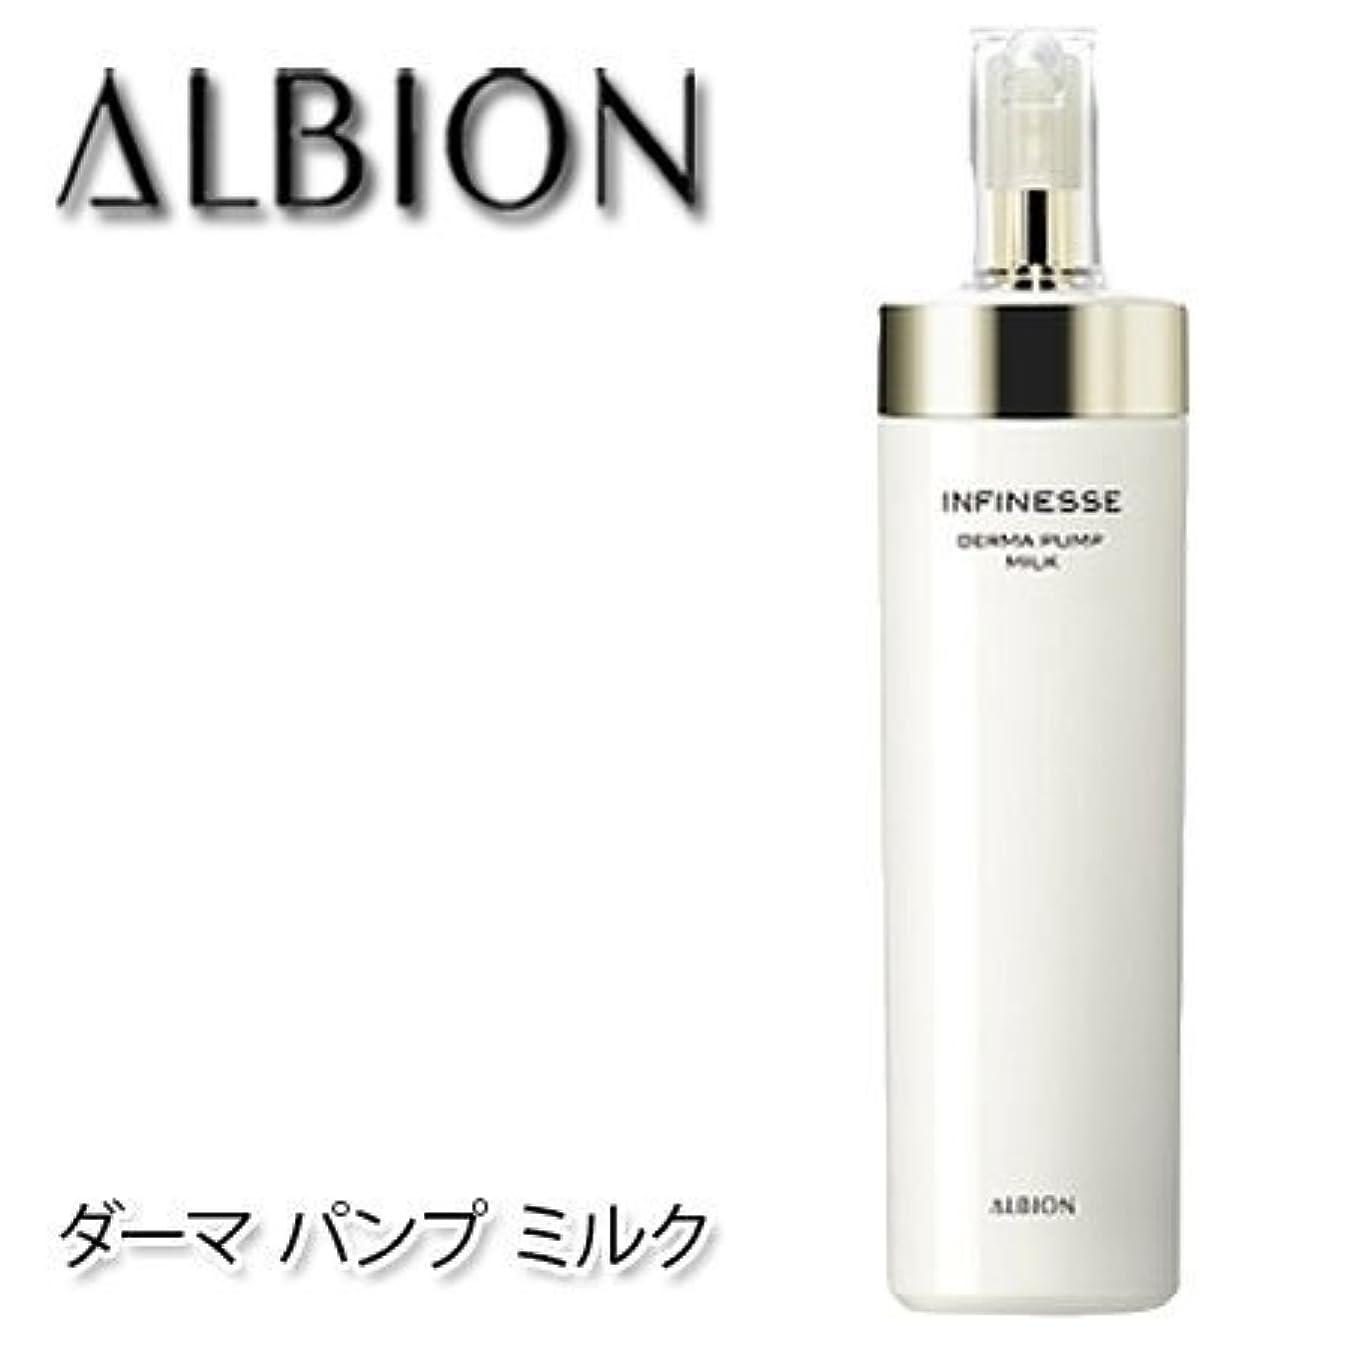 る食事怪しいアルビオン アンフィネス ダーマ パンプ ミルク 200g-ALBION-